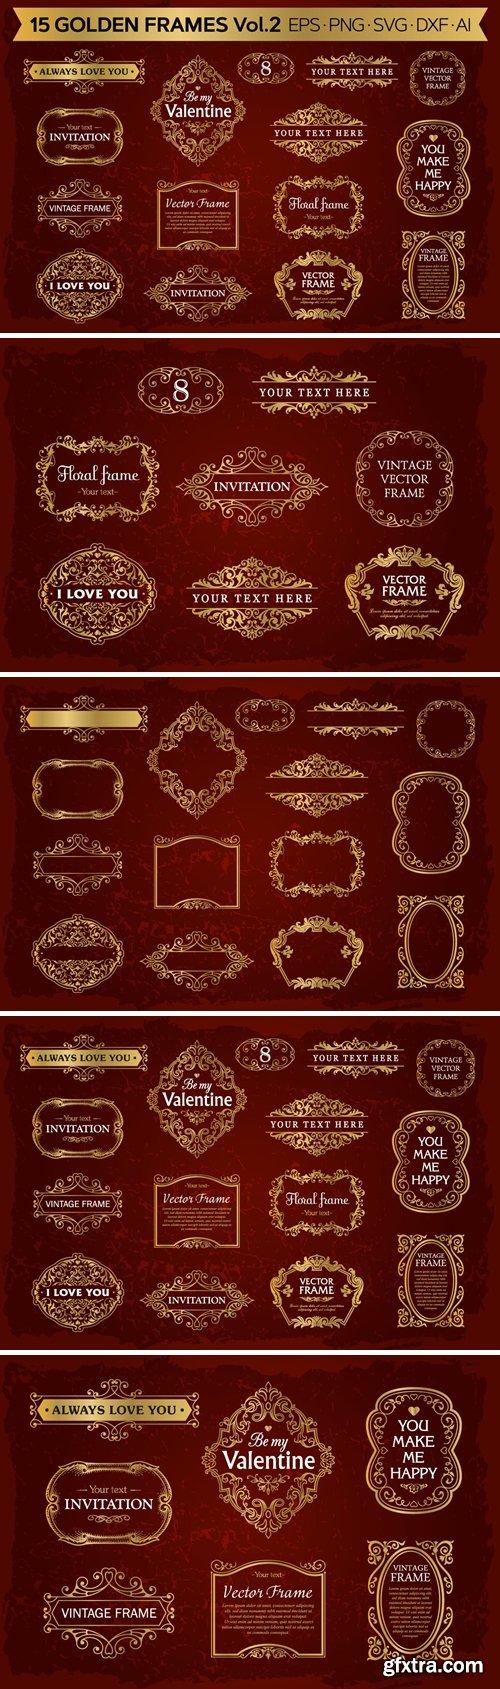 Golden frames backgrounds set #2, 15 elements